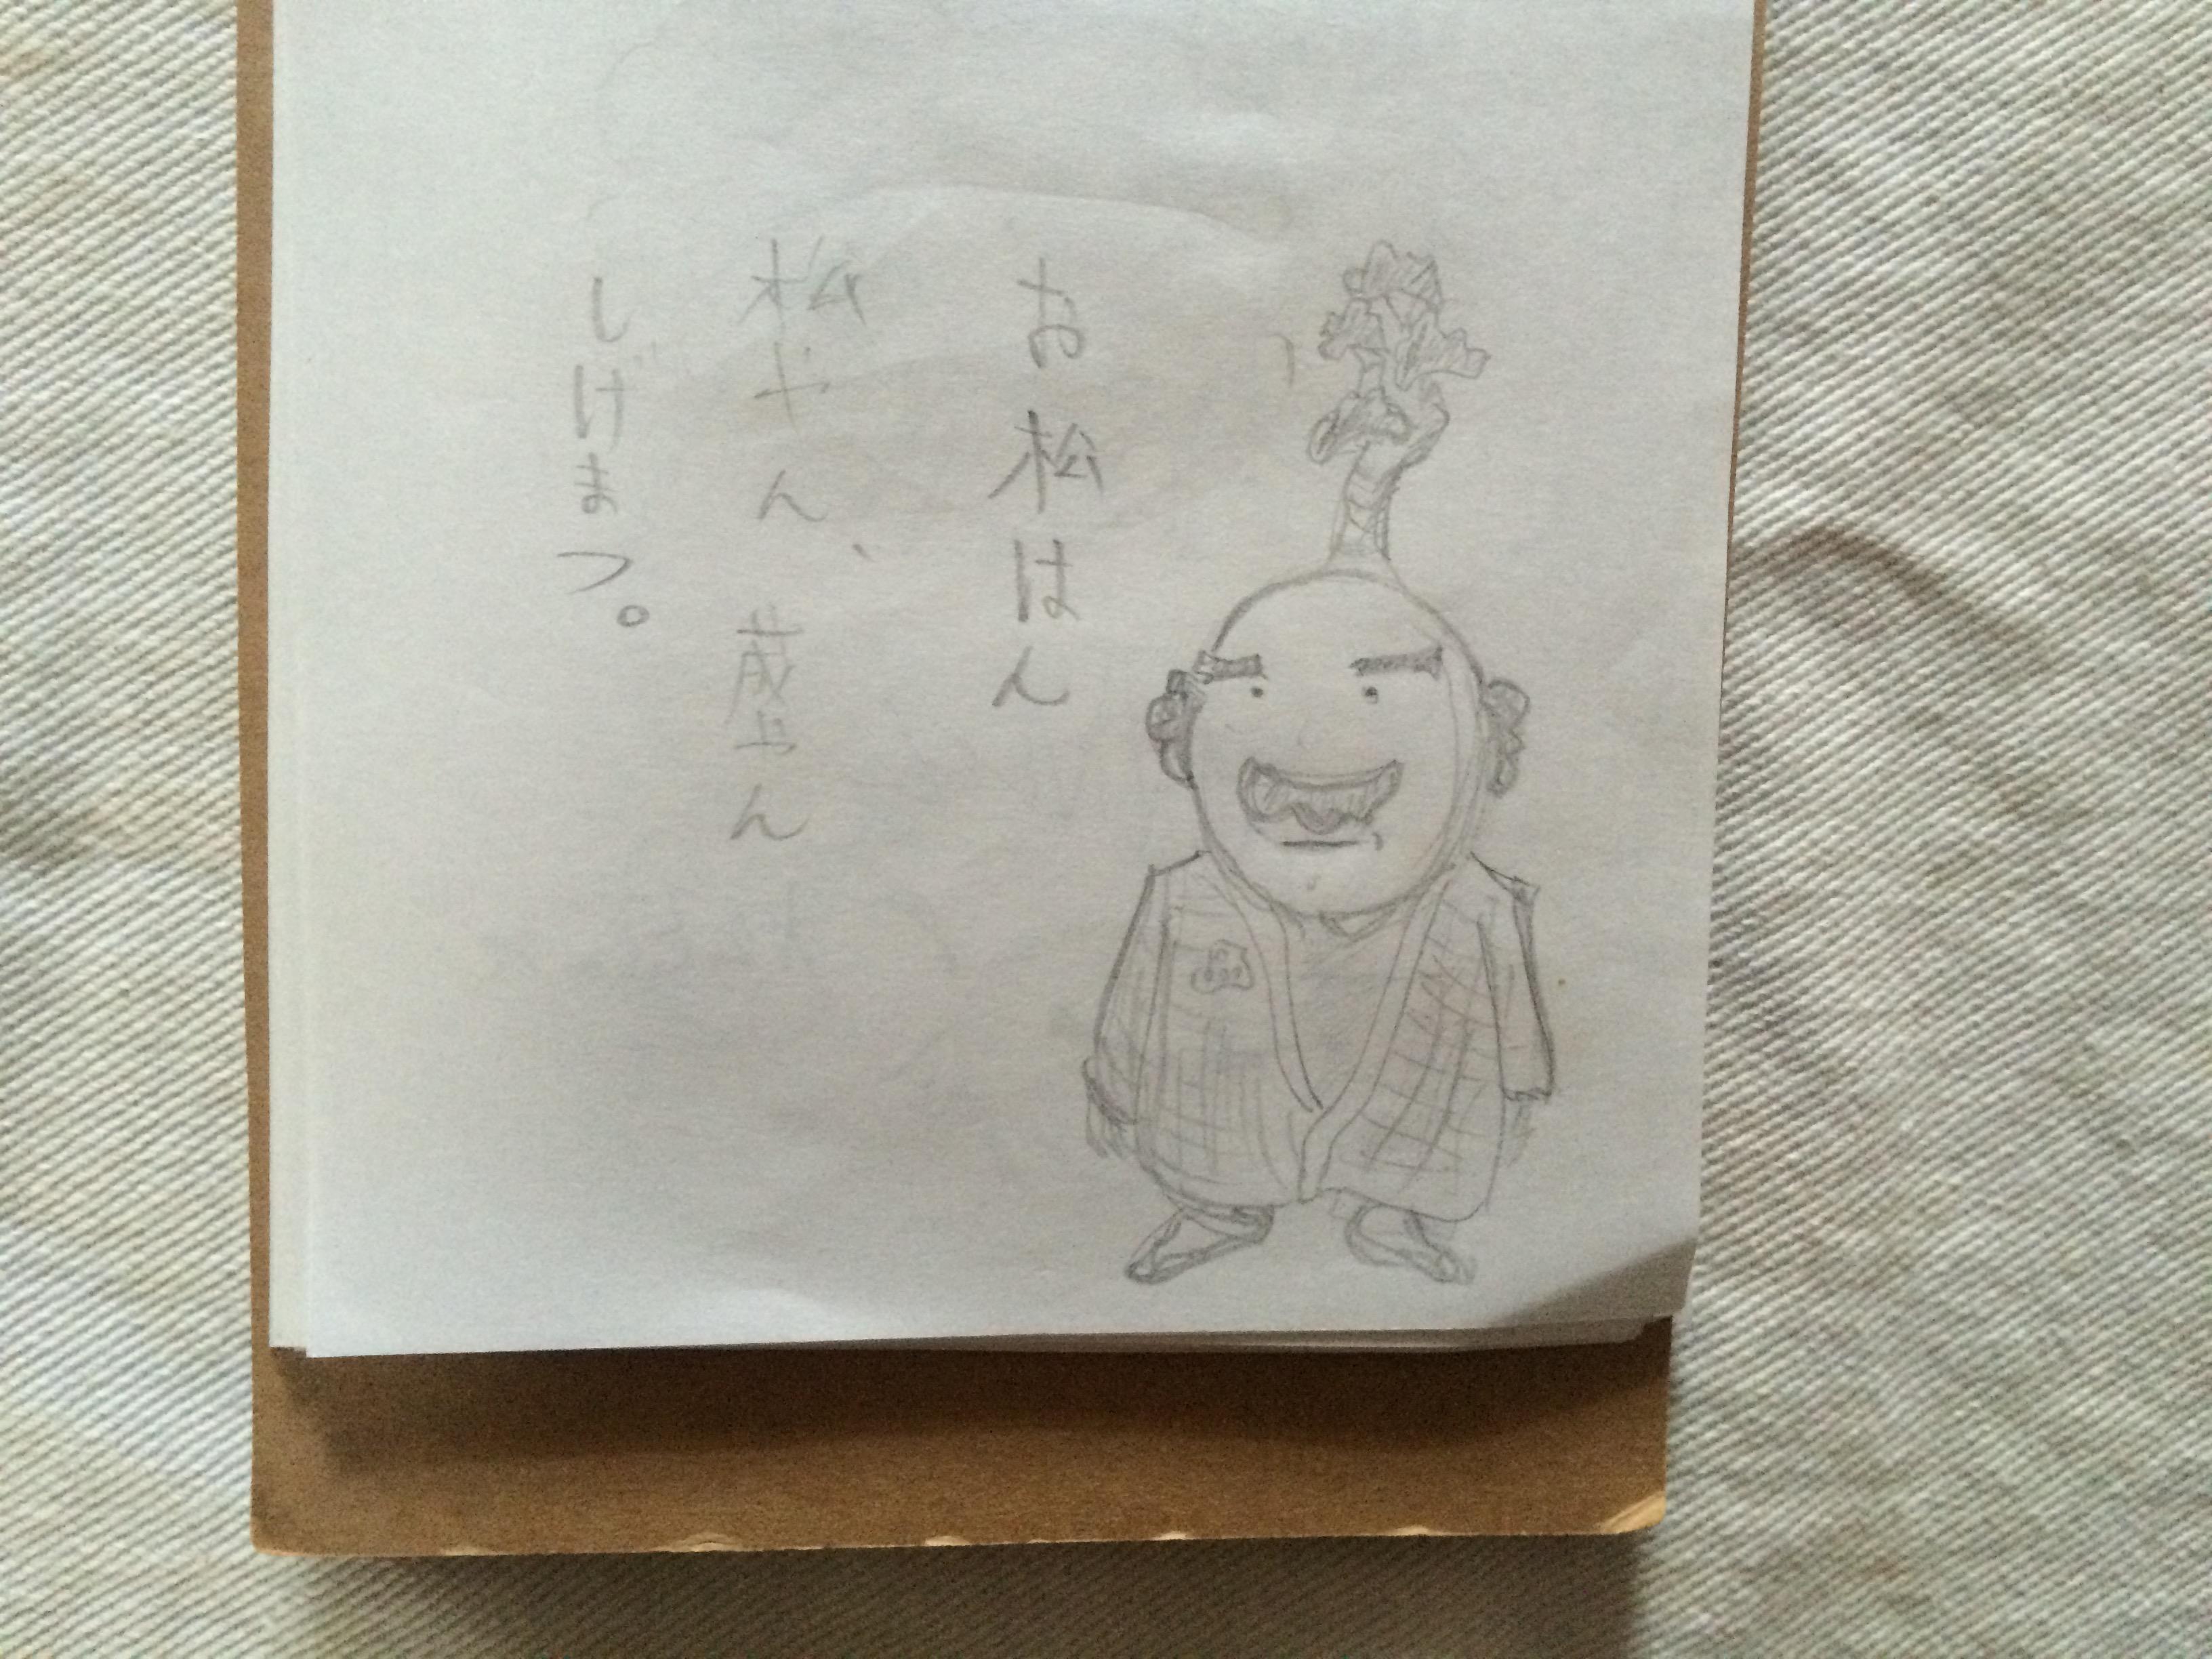 松茂町のキャラを考えてみた。